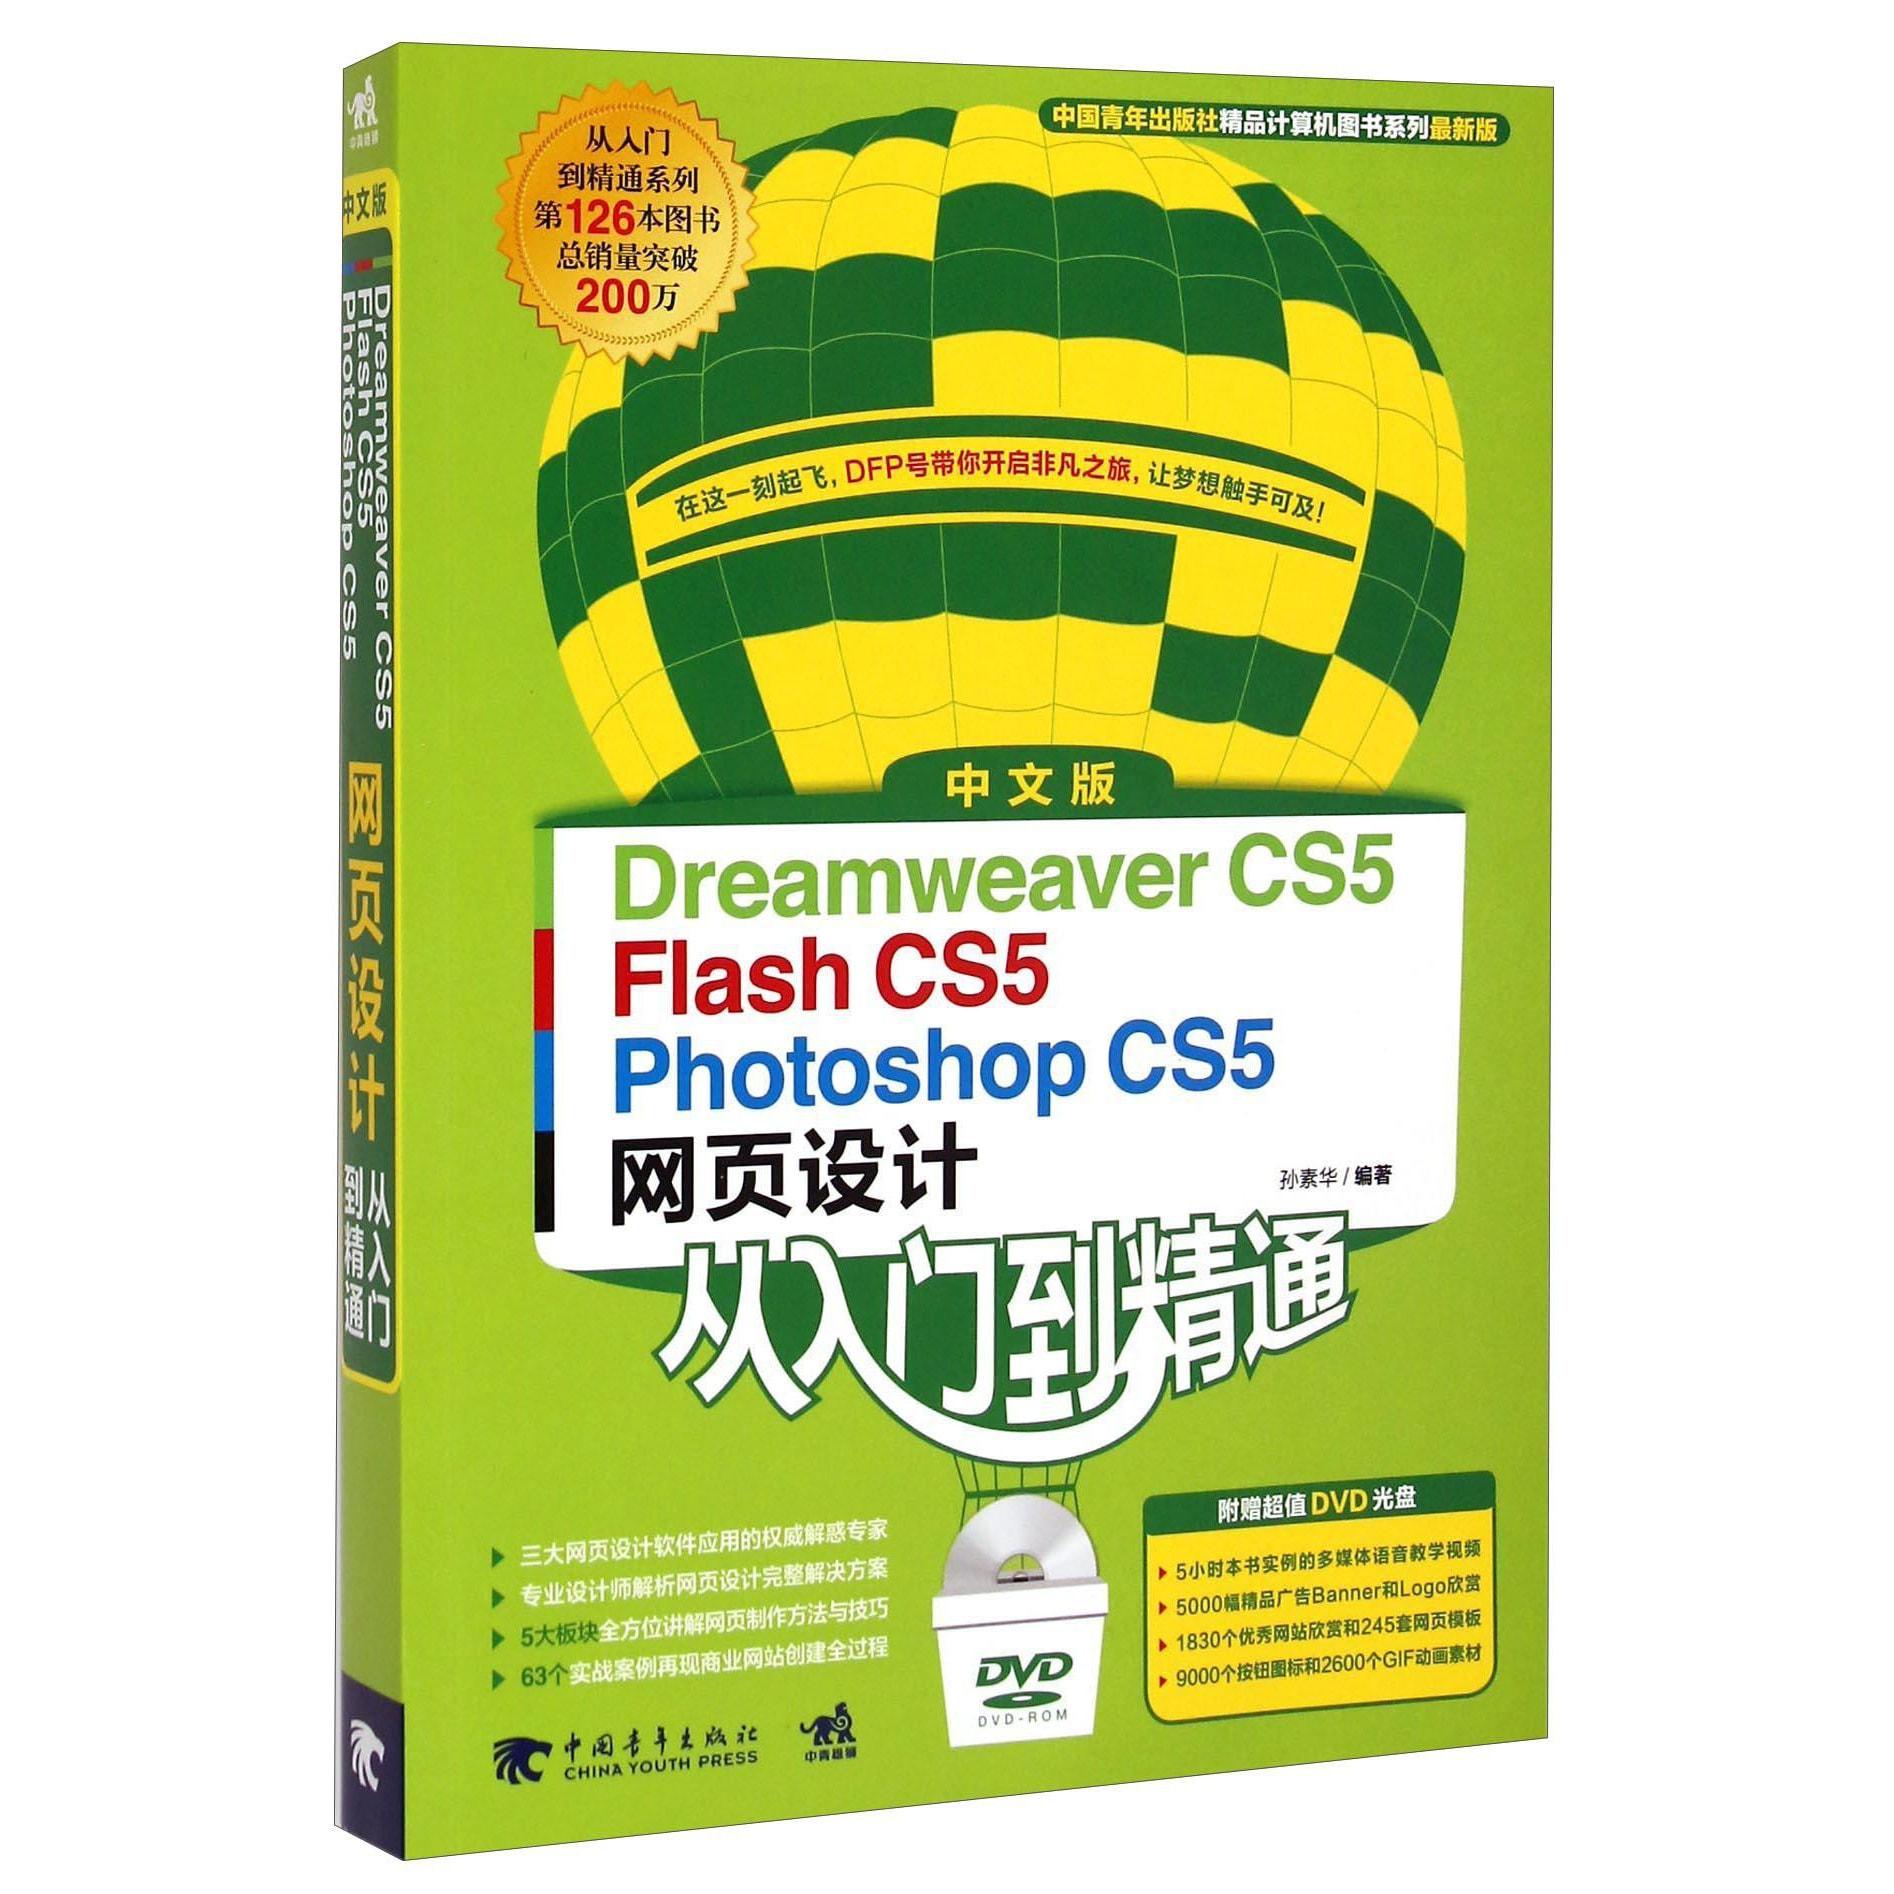 中国青年出版社精品计算机图书系列:中文版Dreamweaver CS5·Flash CS5·Photoshop CS5网页设计从入 怎么样 - 亚米网